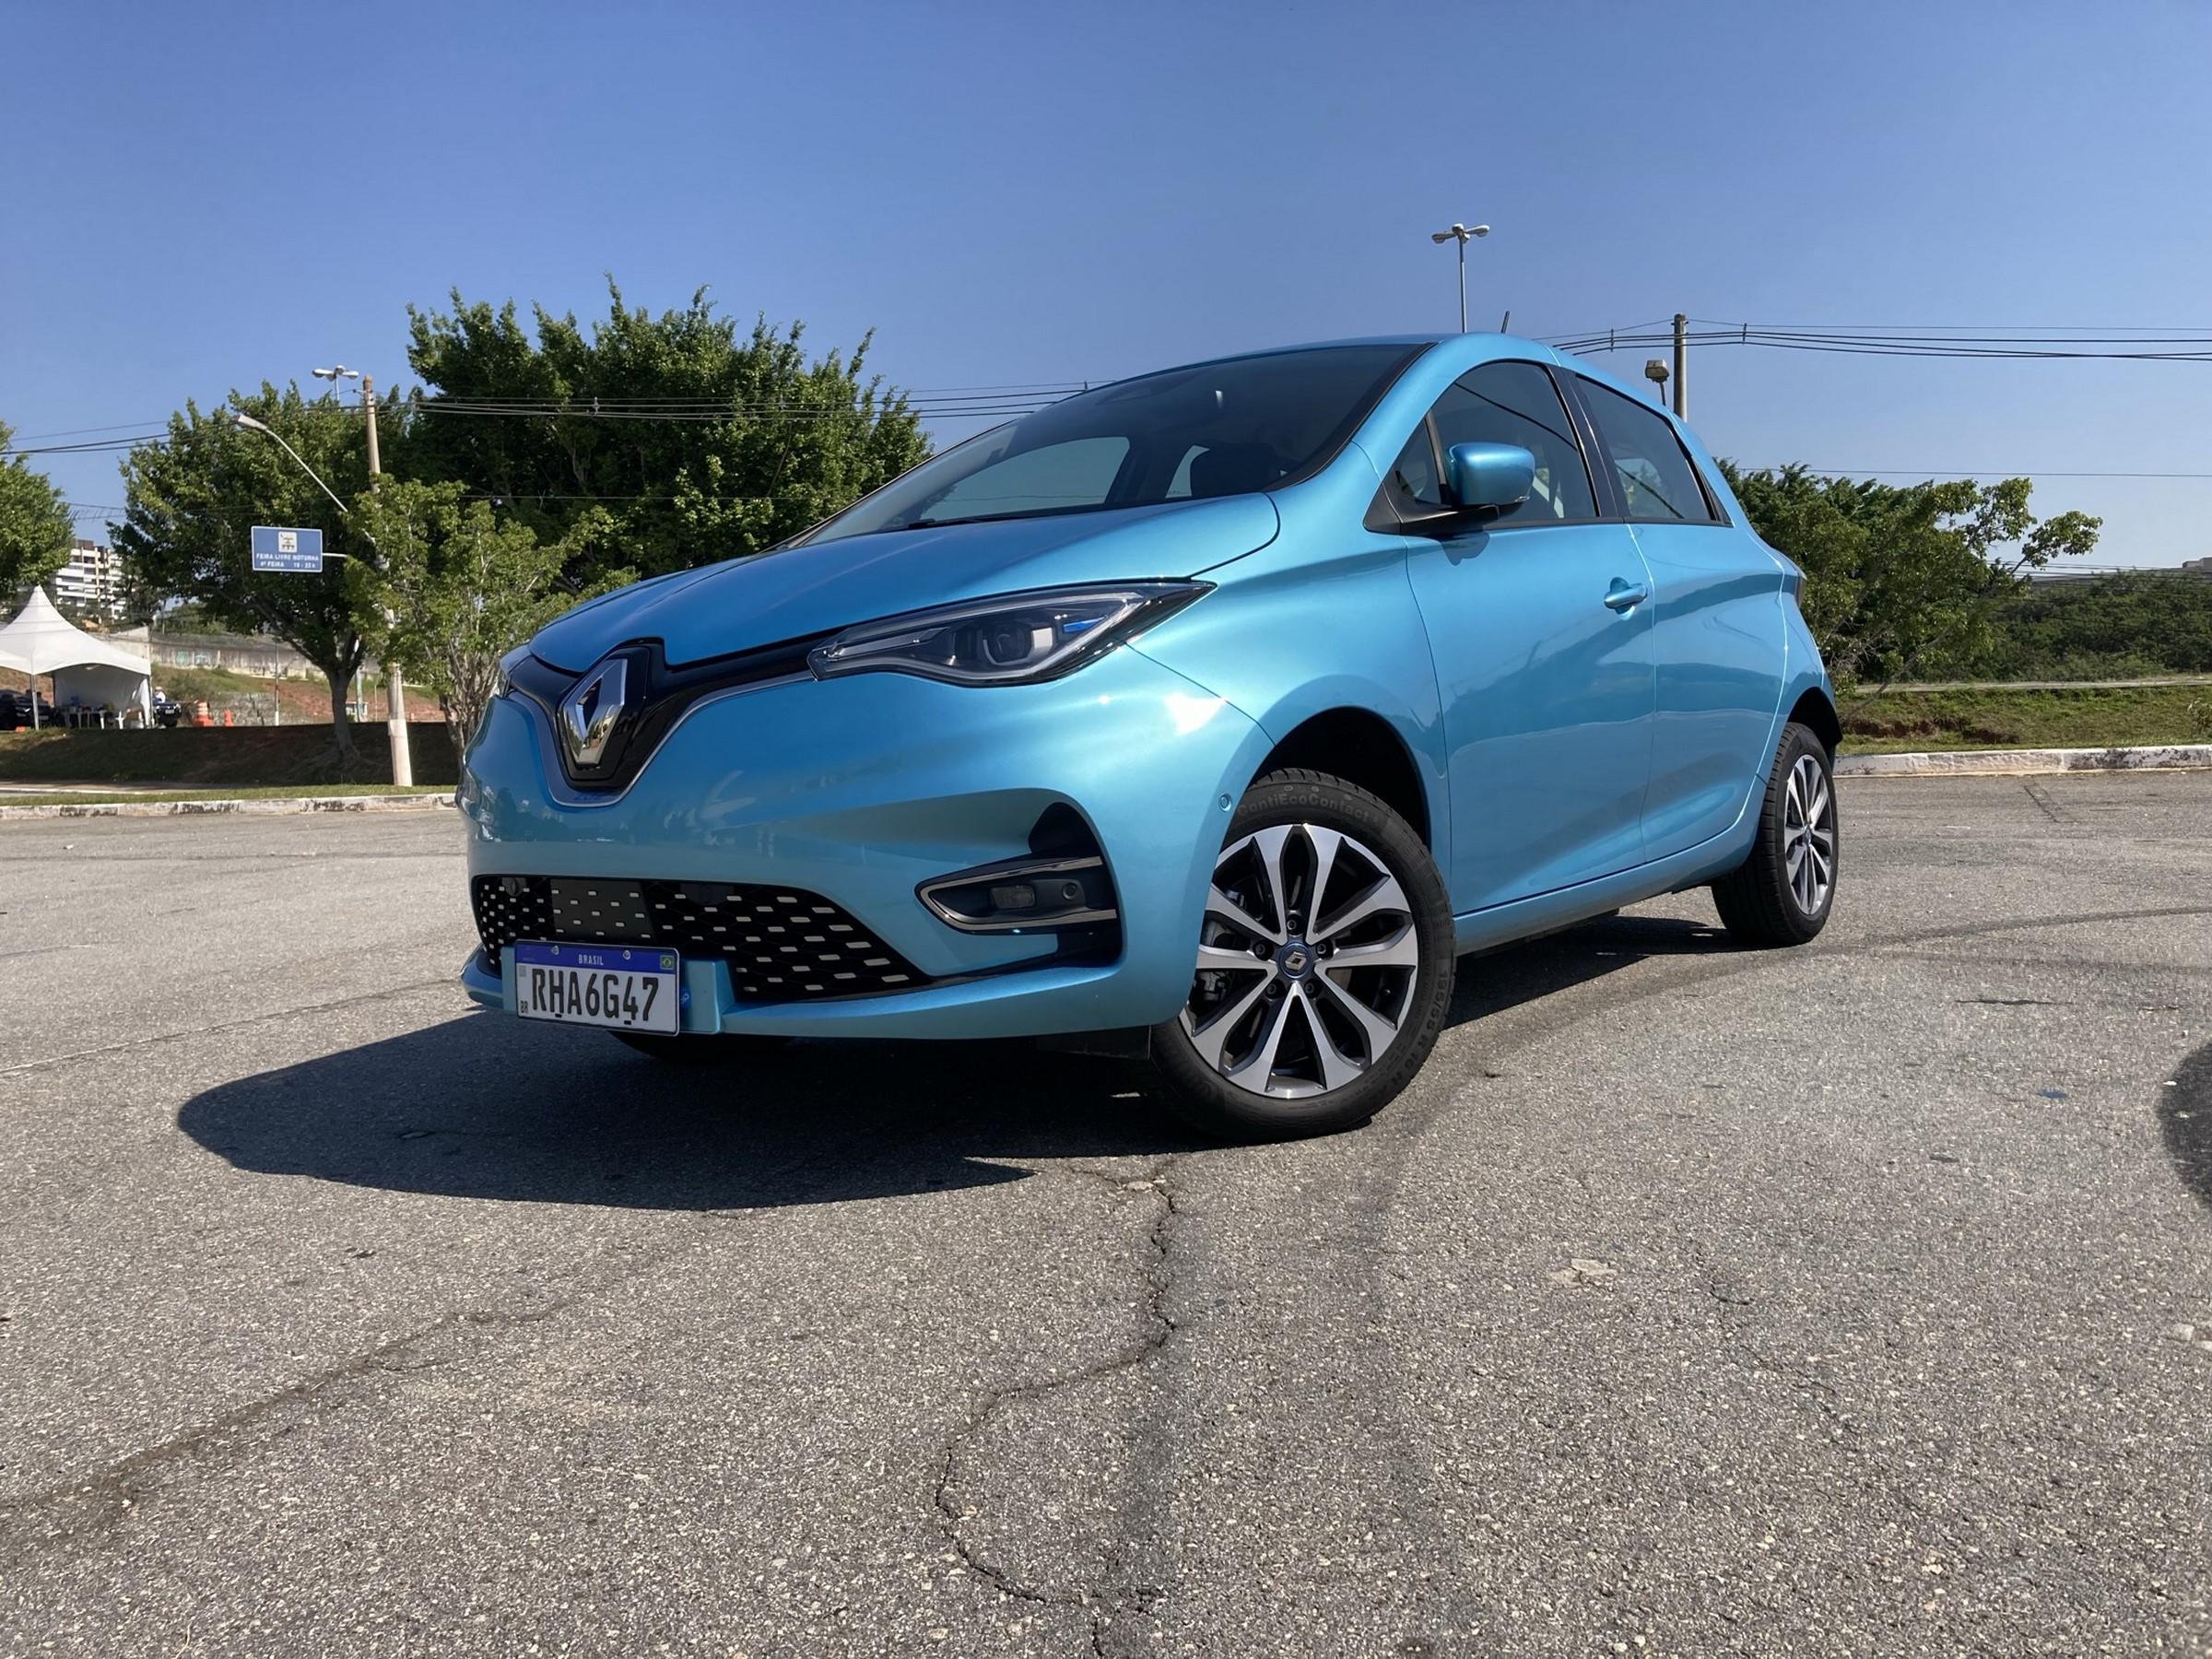 Andamos no novo Renault Zoe com direito a viagem rápida e trânsito preocupante